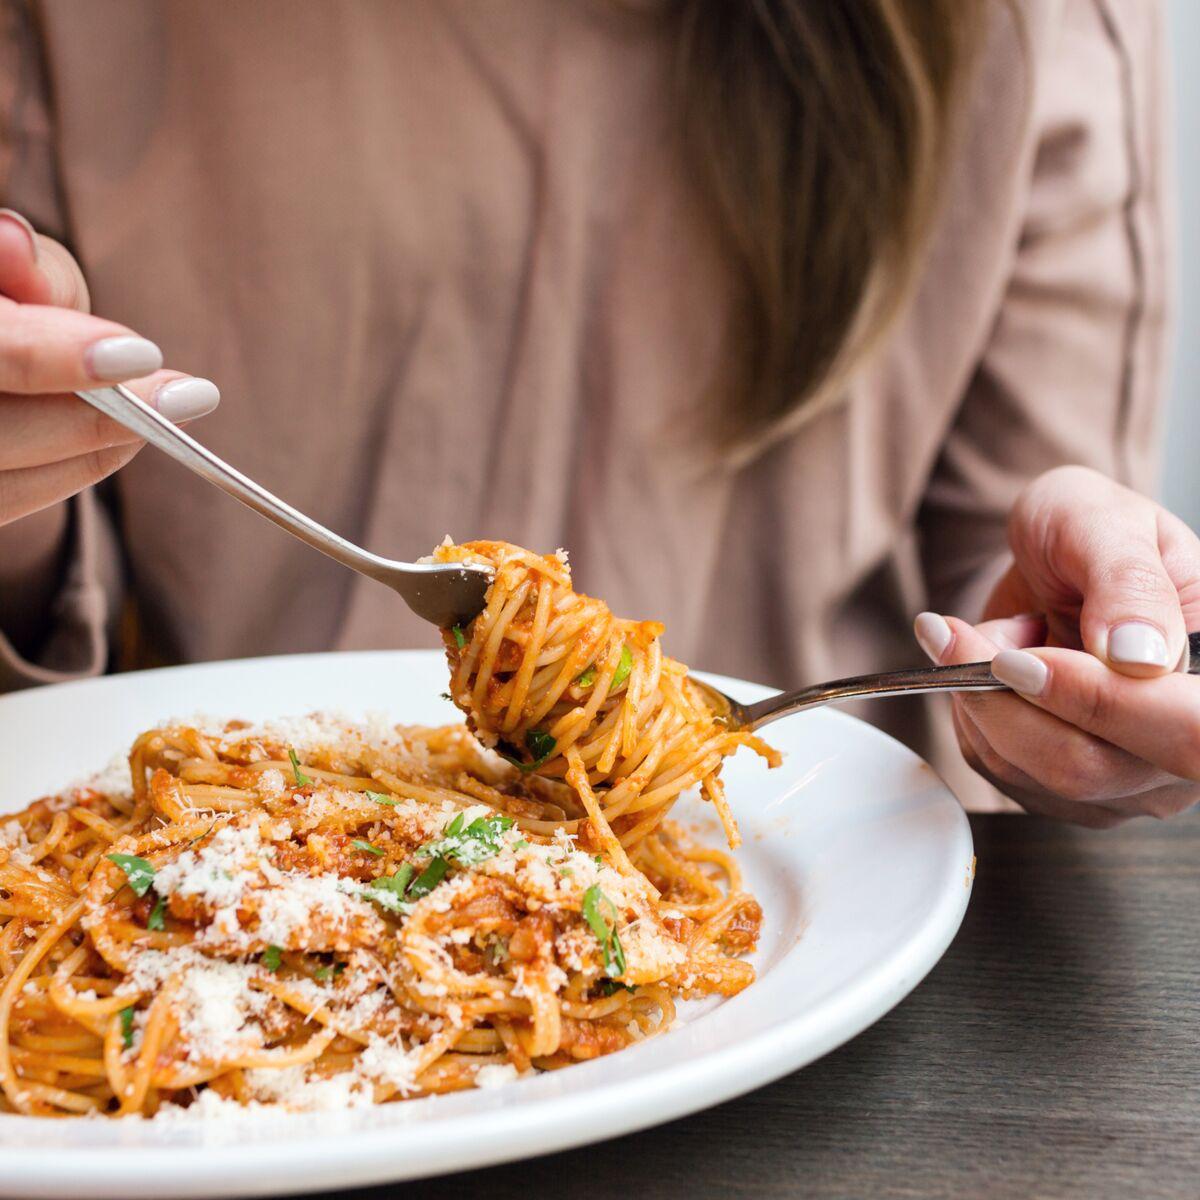 les spaghettis peuvent perdre du poids